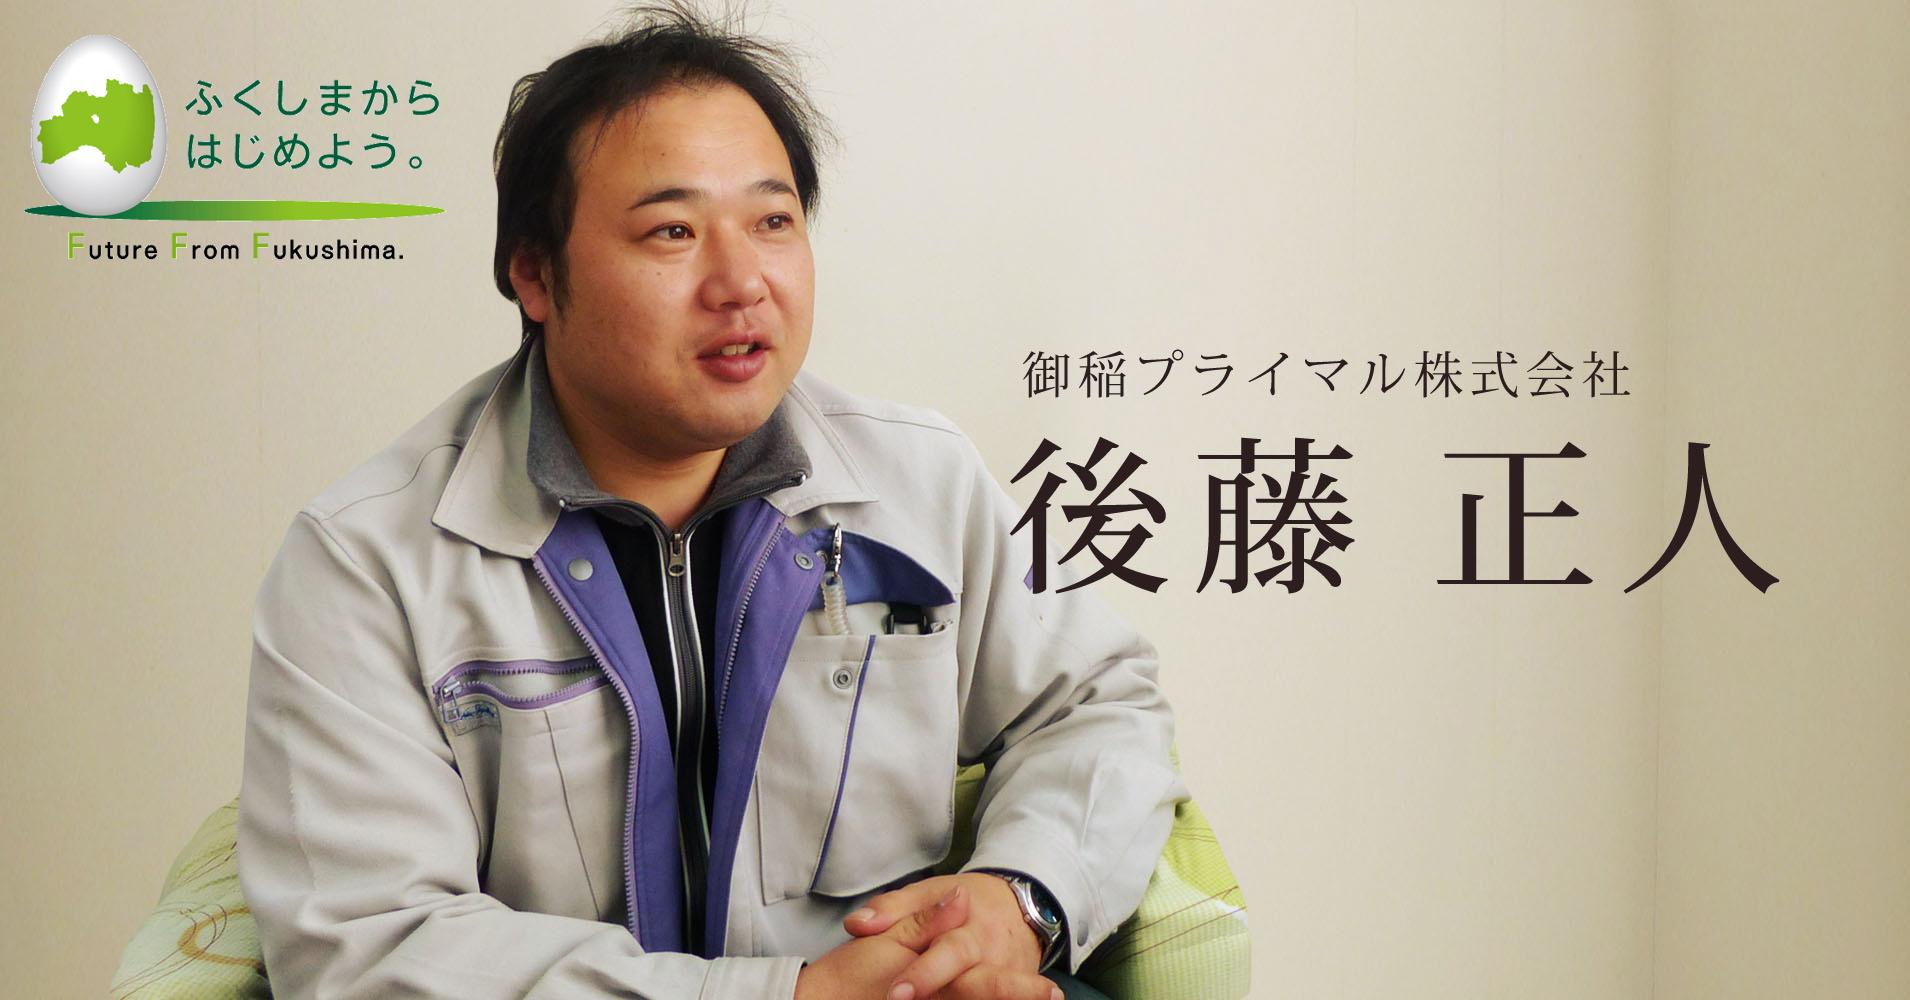 【繋がる農業】「農業の固定概念を覆したい」と語る後藤さんの農業観とは?!